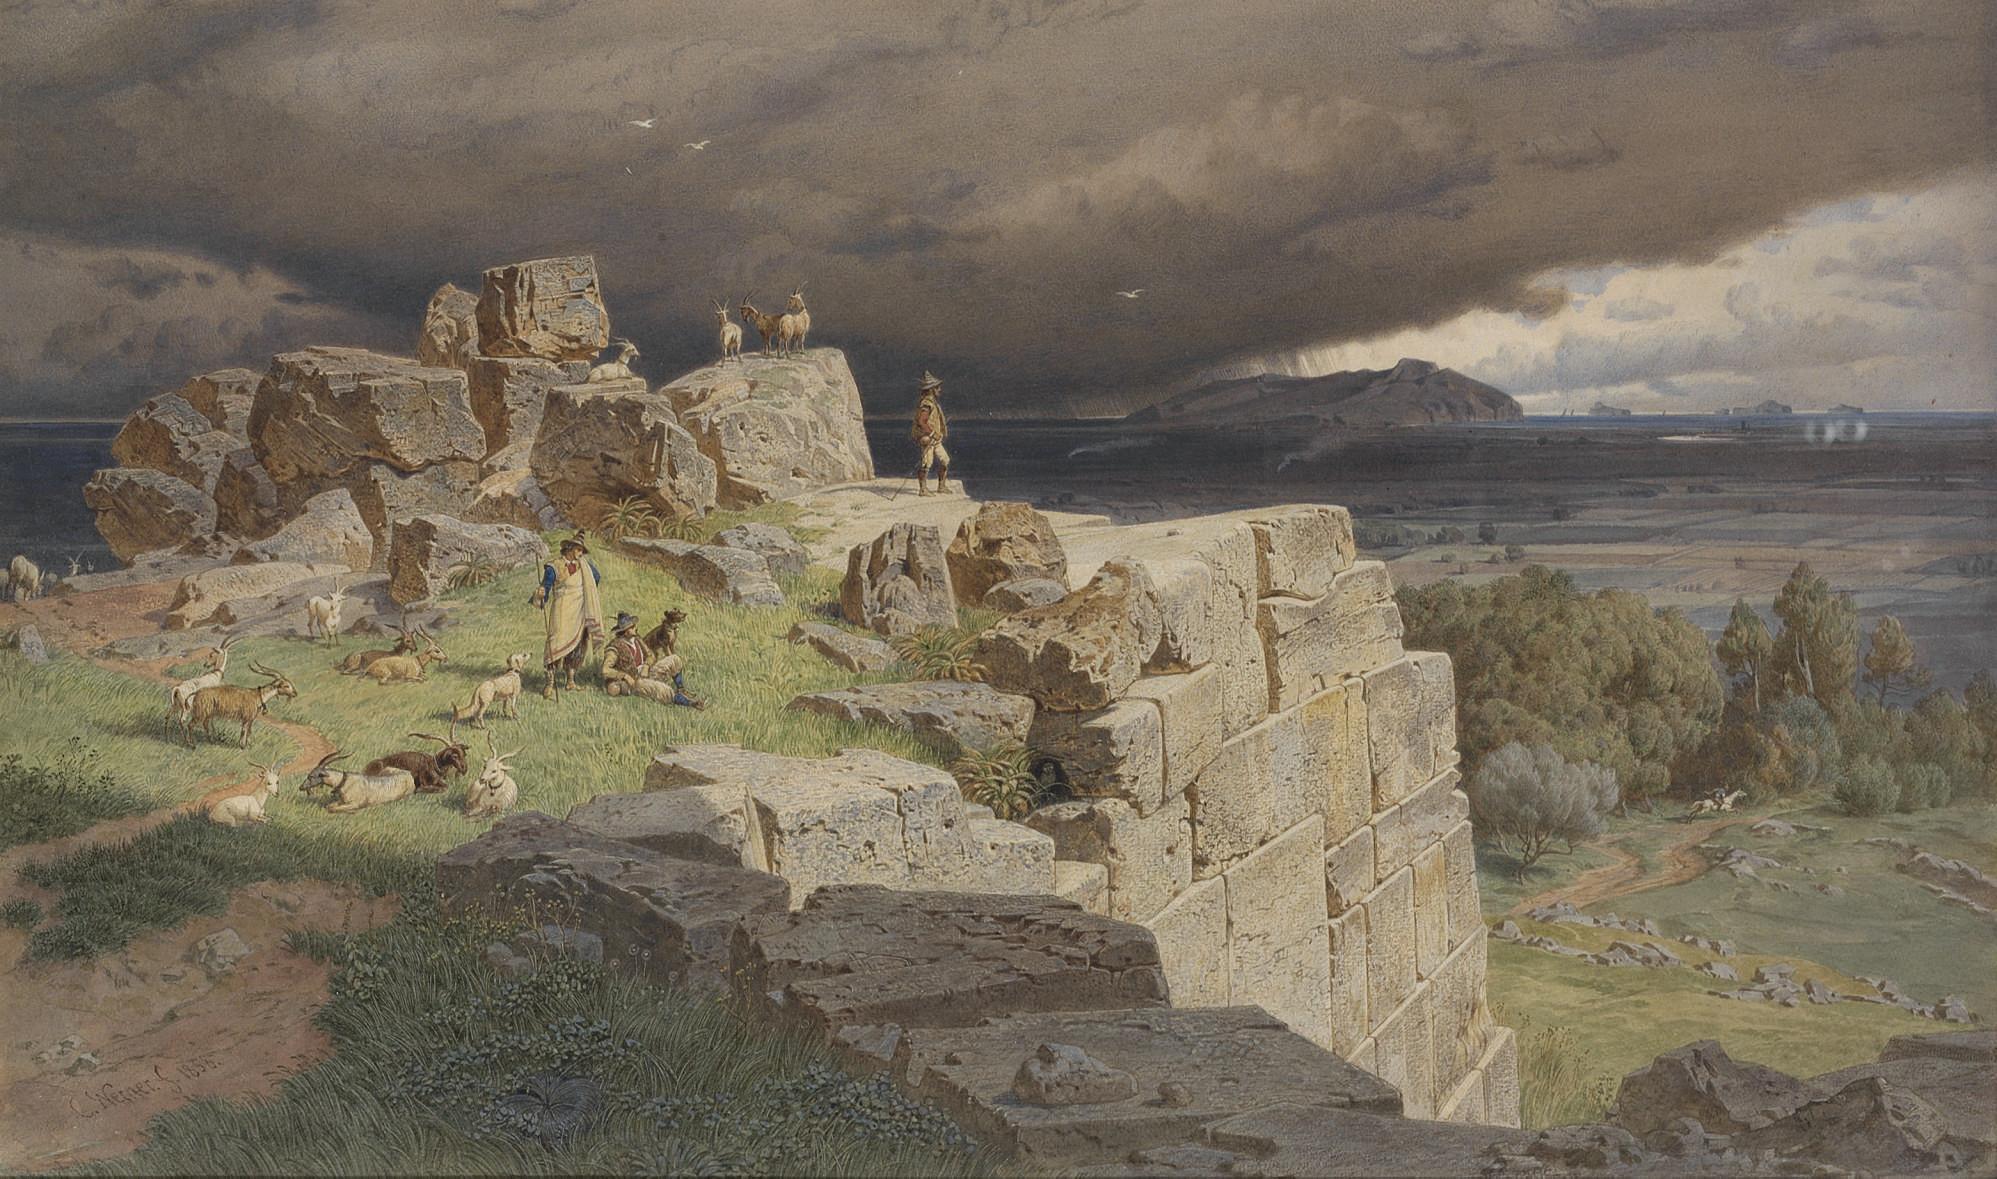 Carl Frederich Heinrich Werner